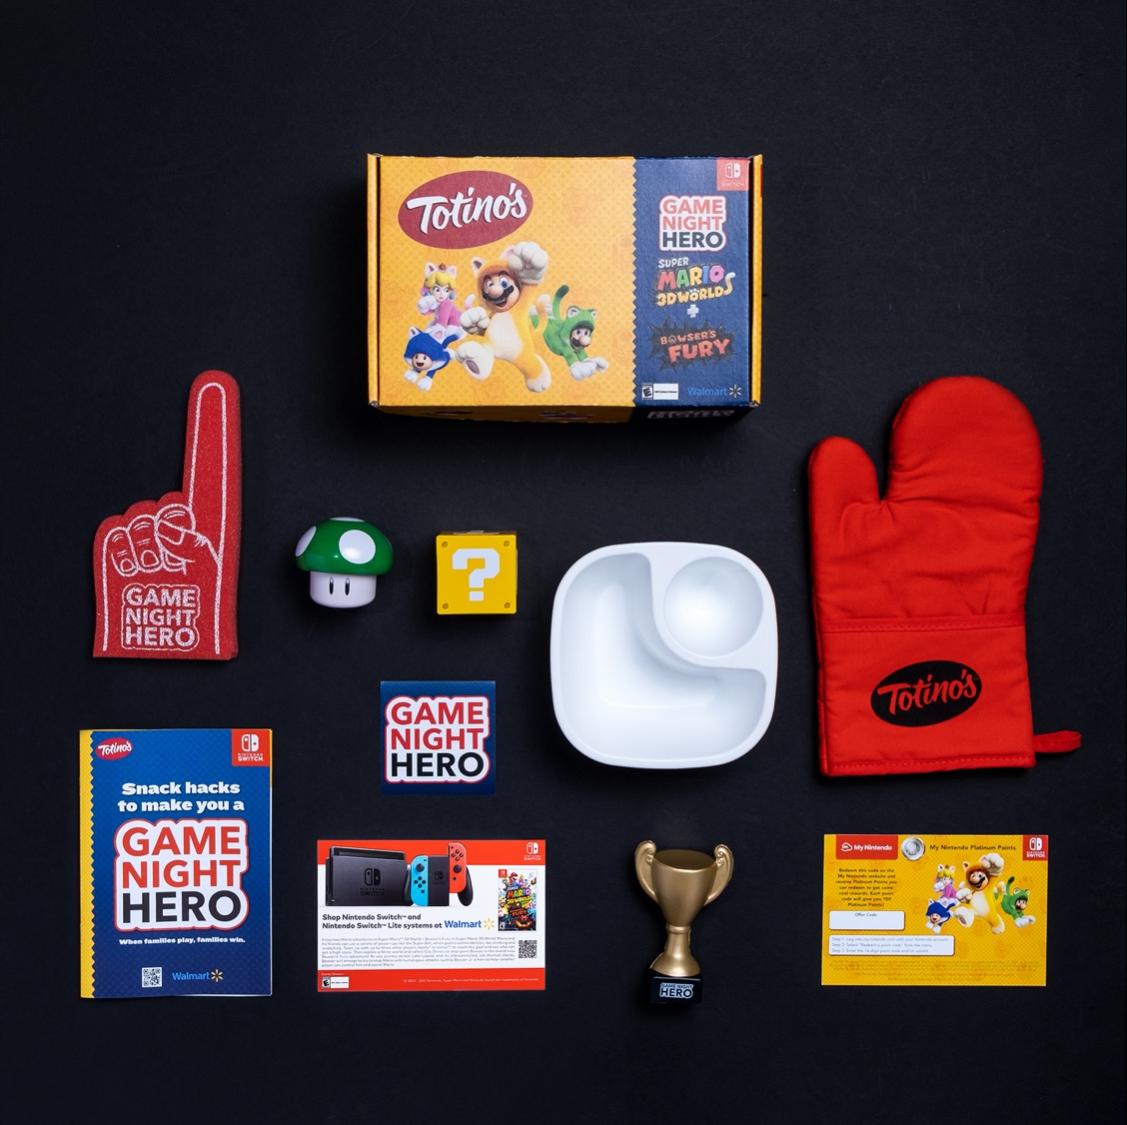 Game night hero sample box